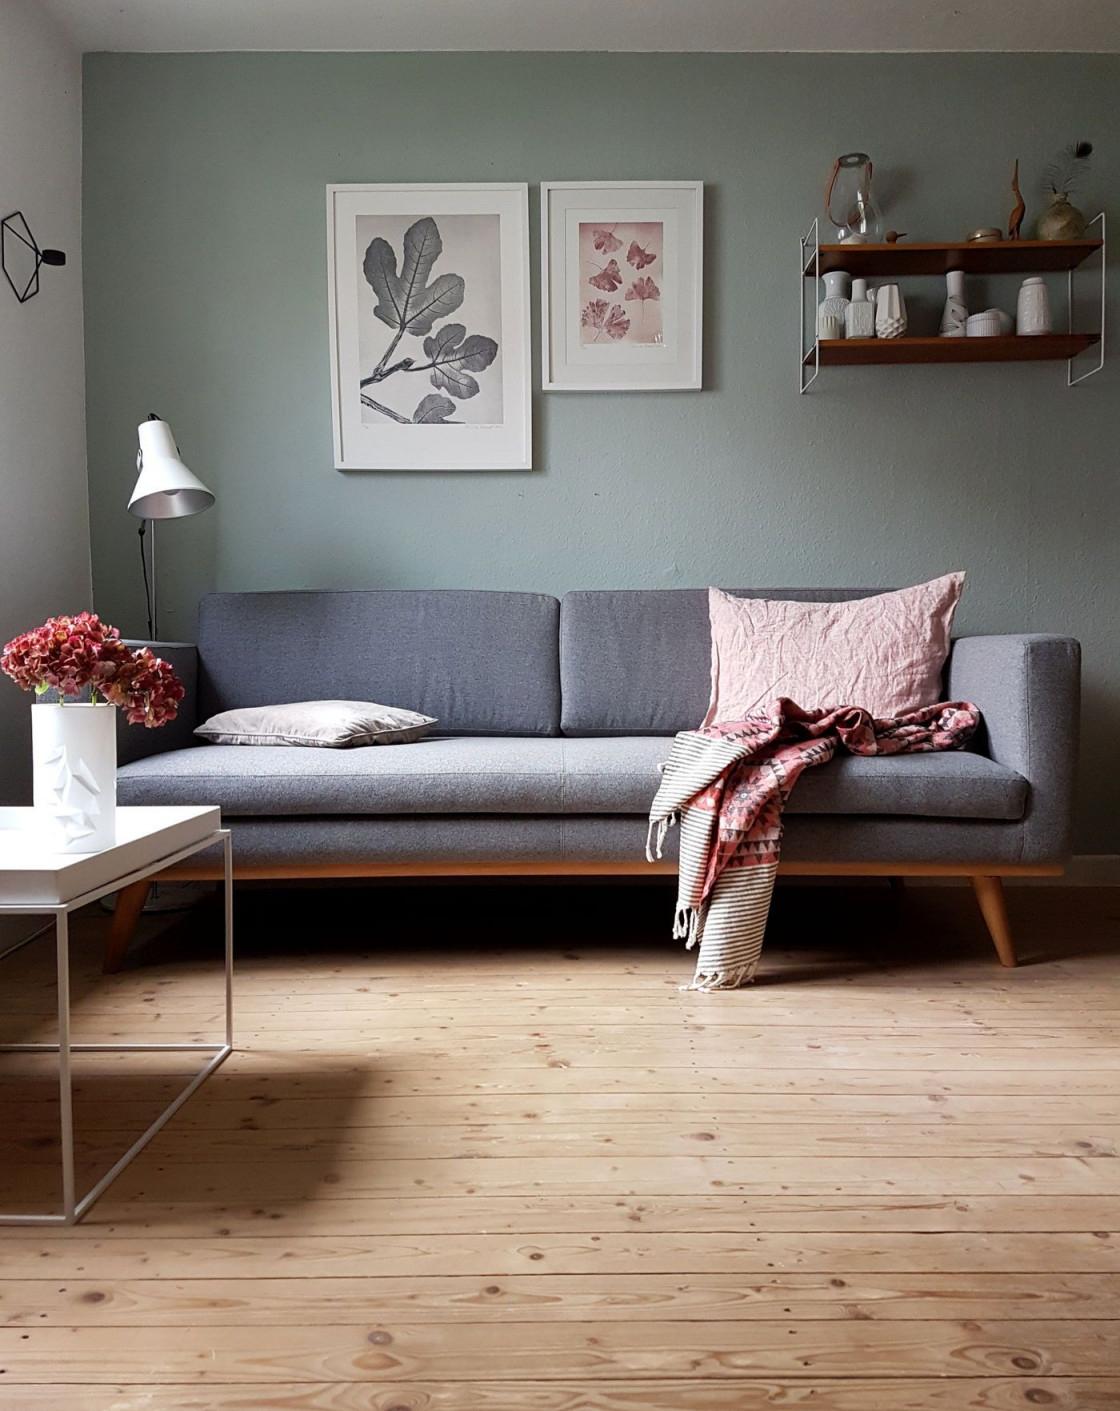 Die Schönsten Ideen Für Die Wandfarbe Im Wohnzimmer von Wohnzimmer Gestalten Ideen Farben Photo